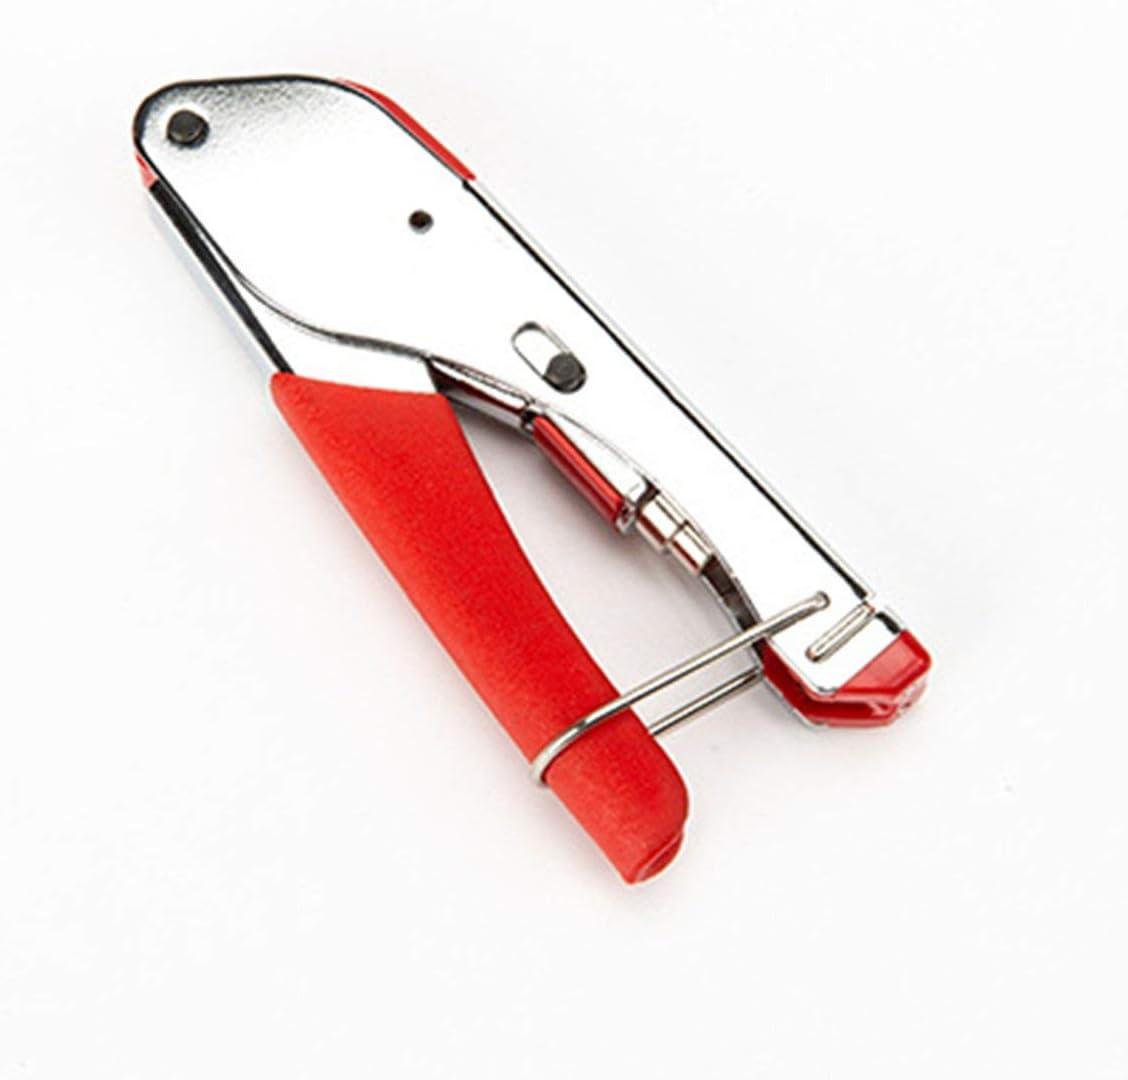 Pinza de extrusi/ón de cable coaxial Engarzadores de alambre Herramienta de compresi/ón de alicates de prensado para conector coaxial F RG6 RG5 Rojo y plata